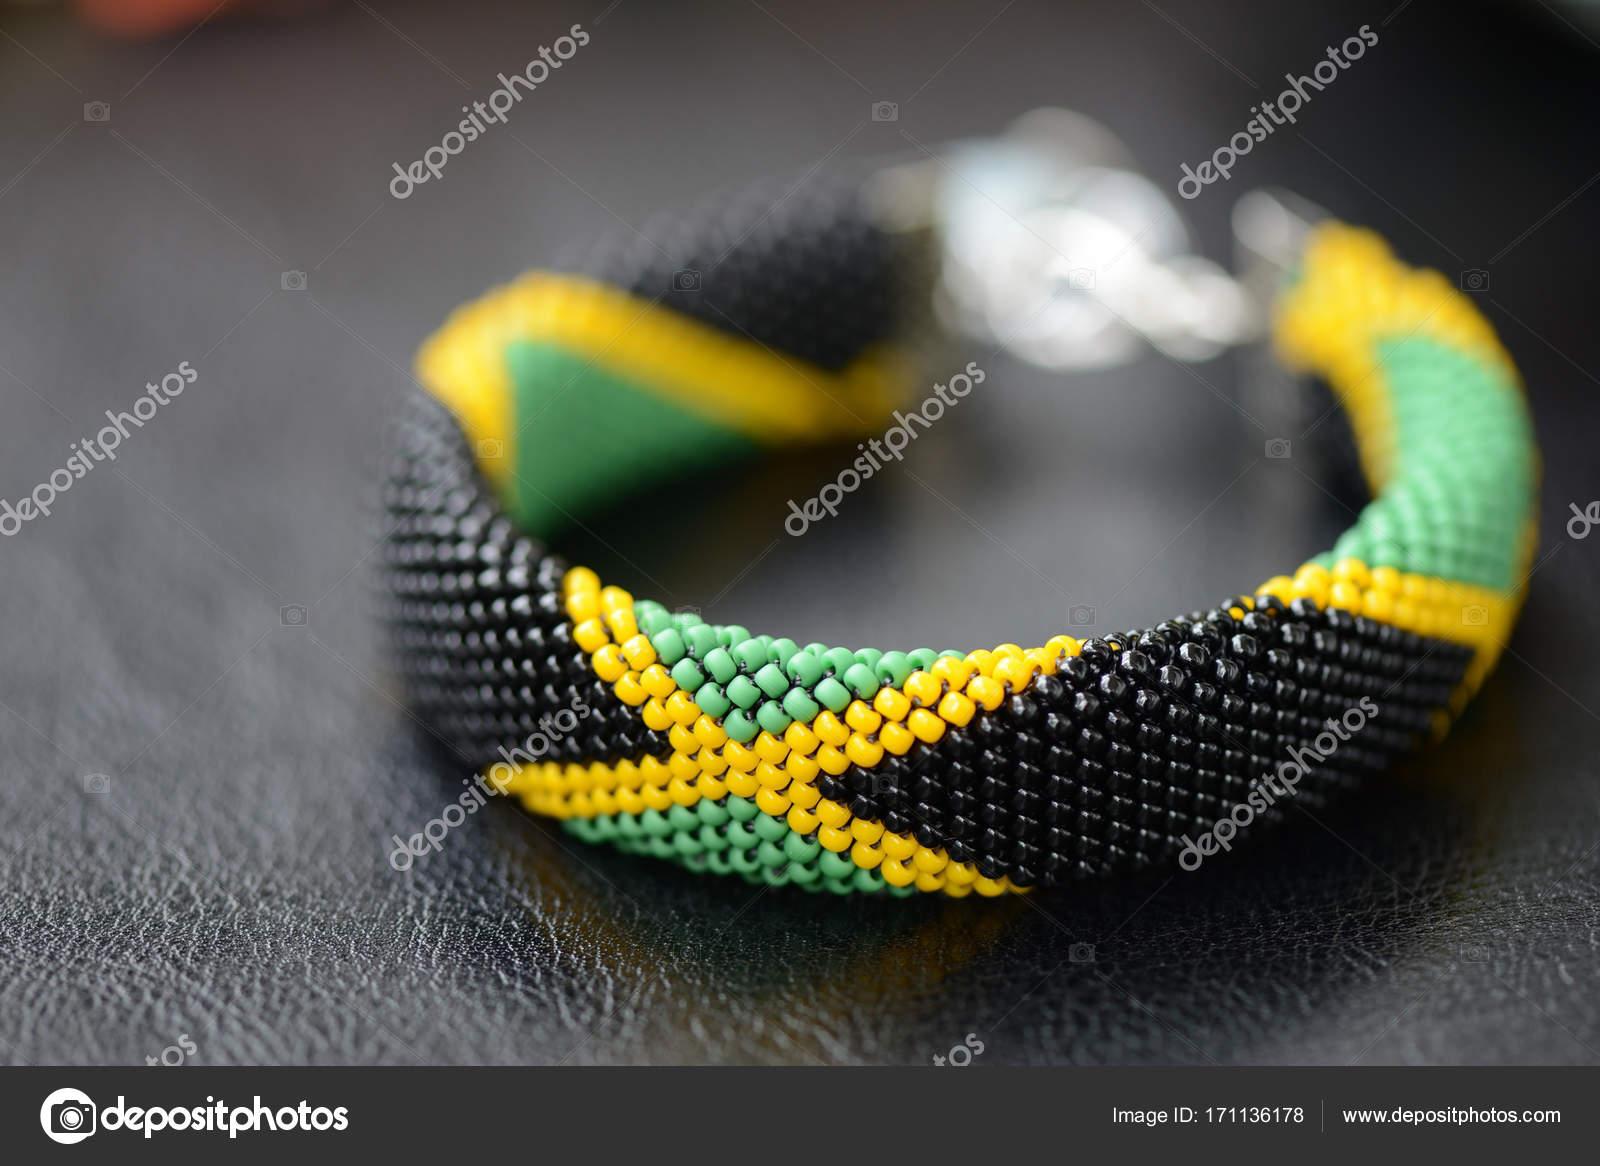 ab6b9aab4 Korálek háčkování náramek v barvách vlajka Jamajka na tmavém pozadí– stock  obrázky